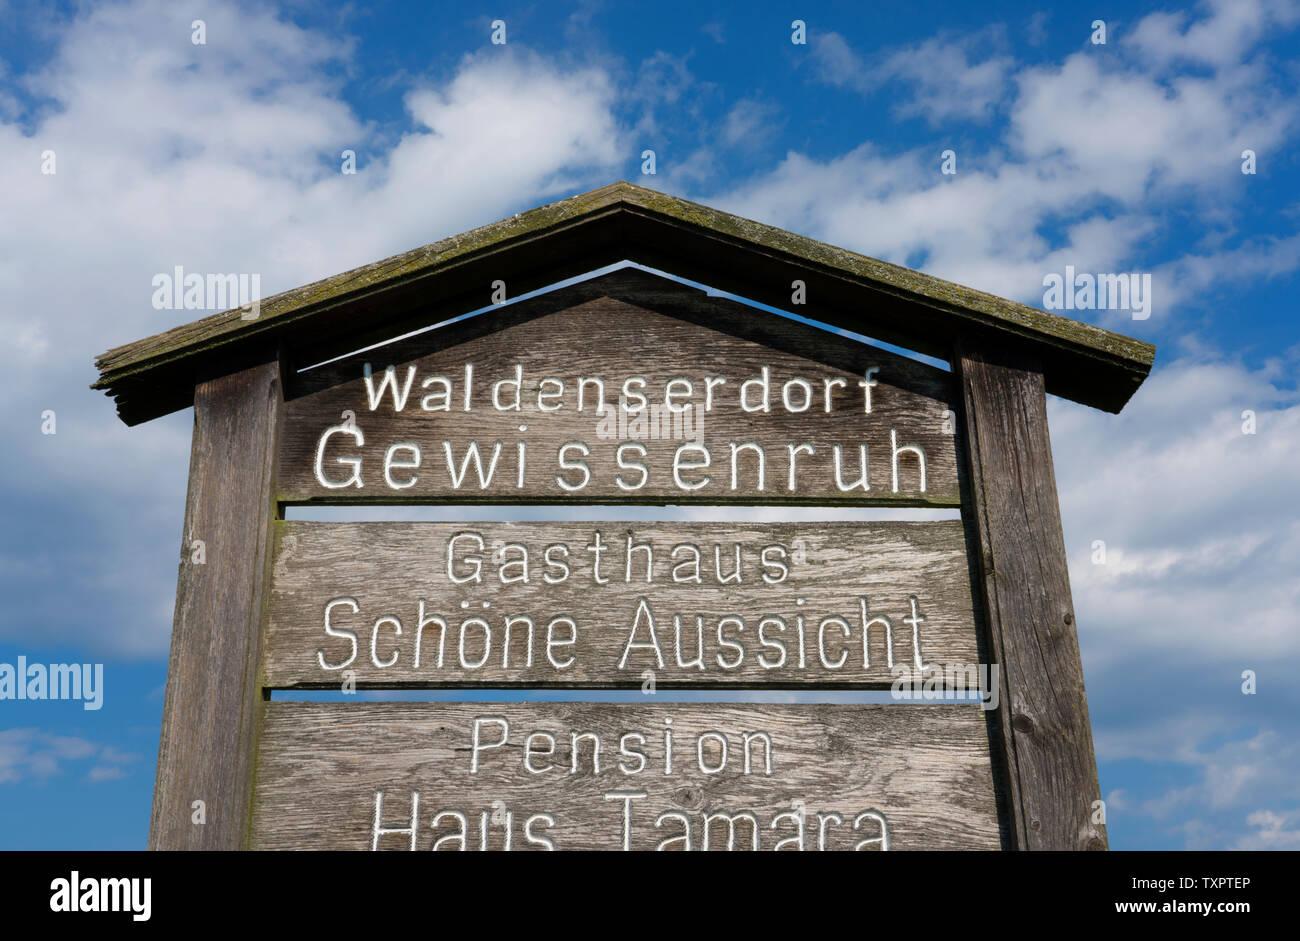 Waldensian village of Gewissenruh, Oberweser, Upper Weser Valley,  Weser Uplands, Weserbergland, Hesse, Germany - Stock Image